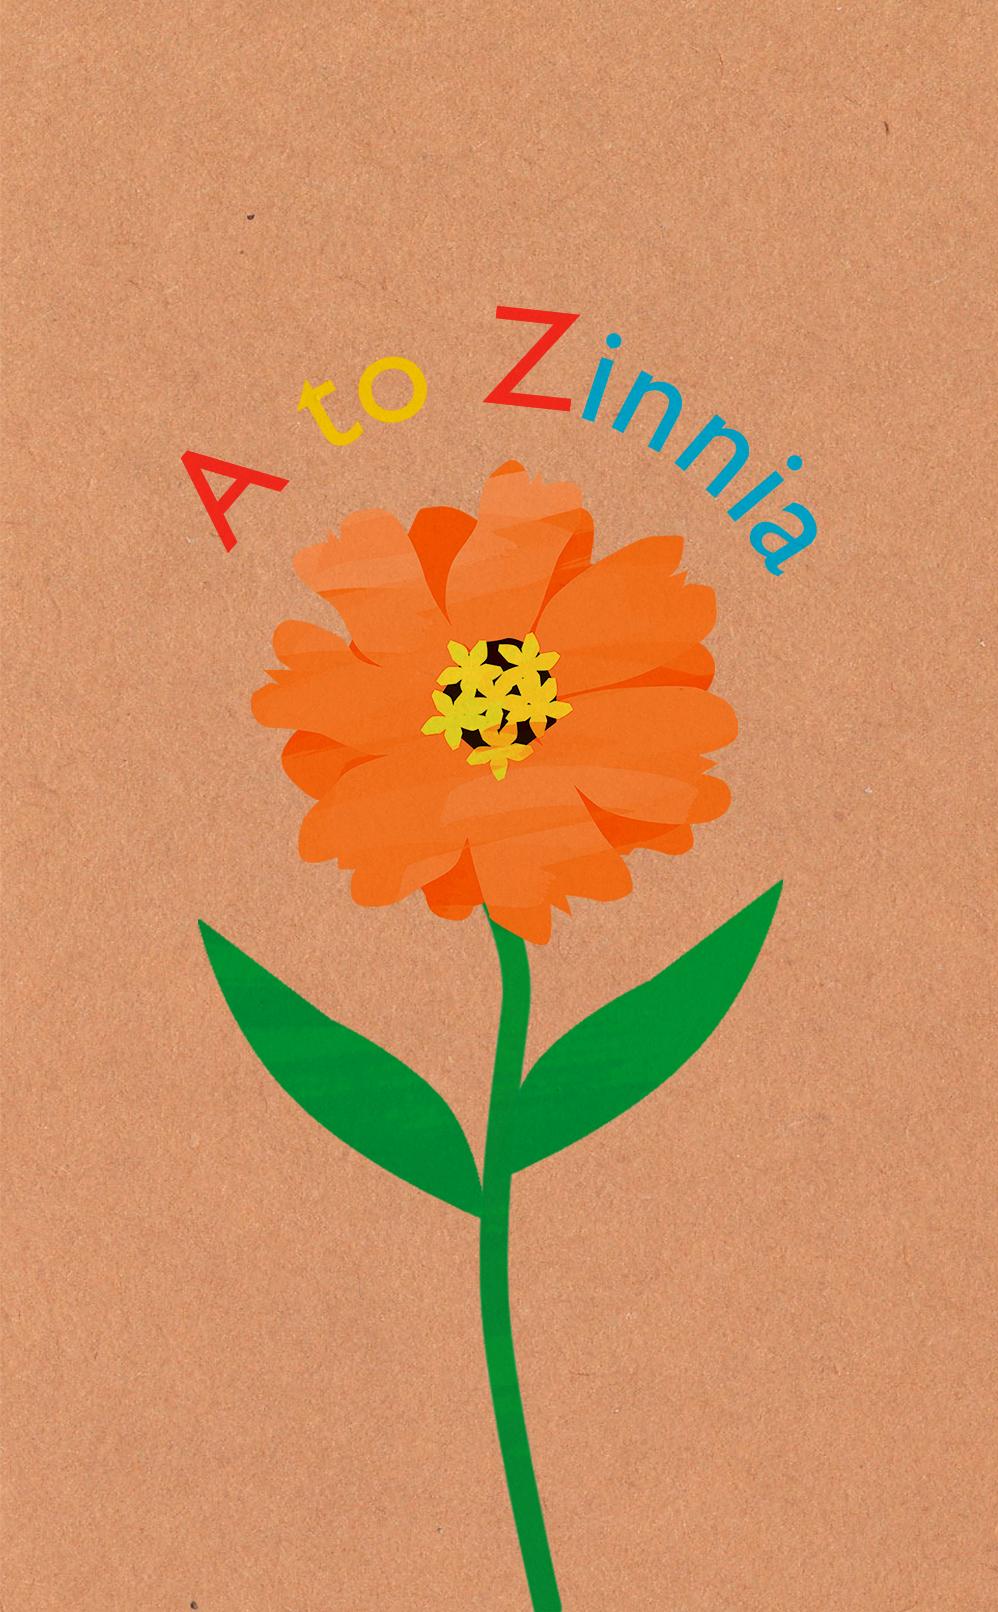 orangecard.jpg